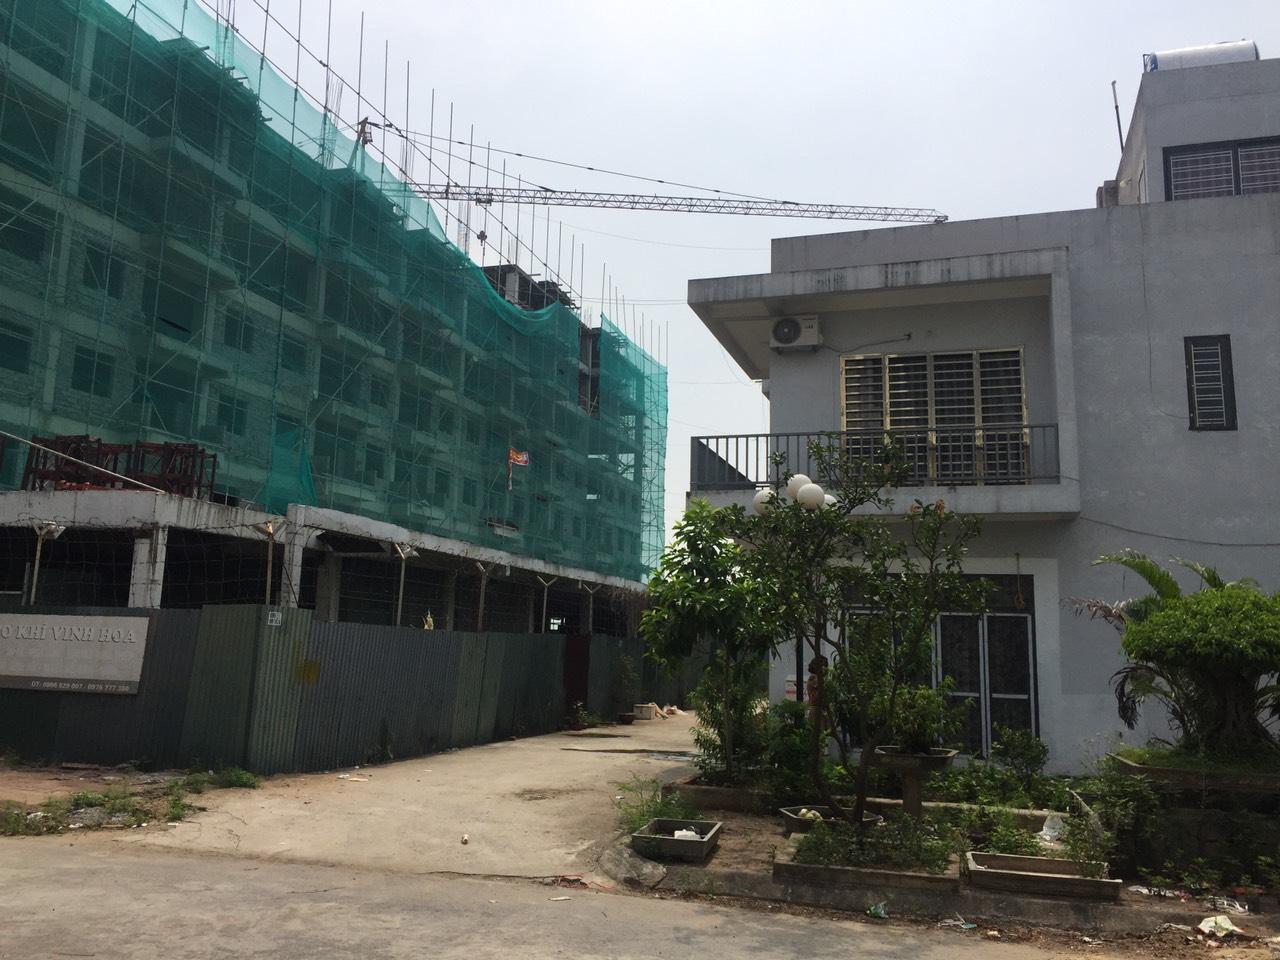 Tiến độ xây dựng nhà ở xã hội Từ Sơn